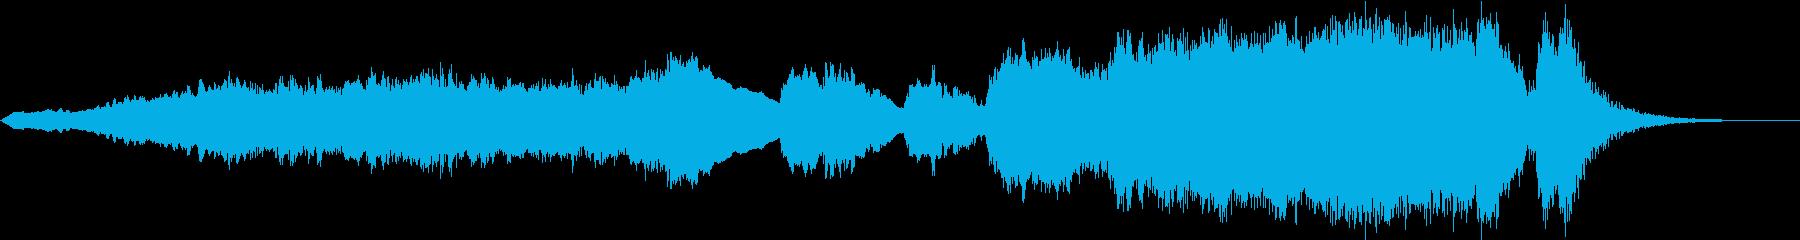 ハリウッド系 ヒーロー登場 ジングルの再生済みの波形